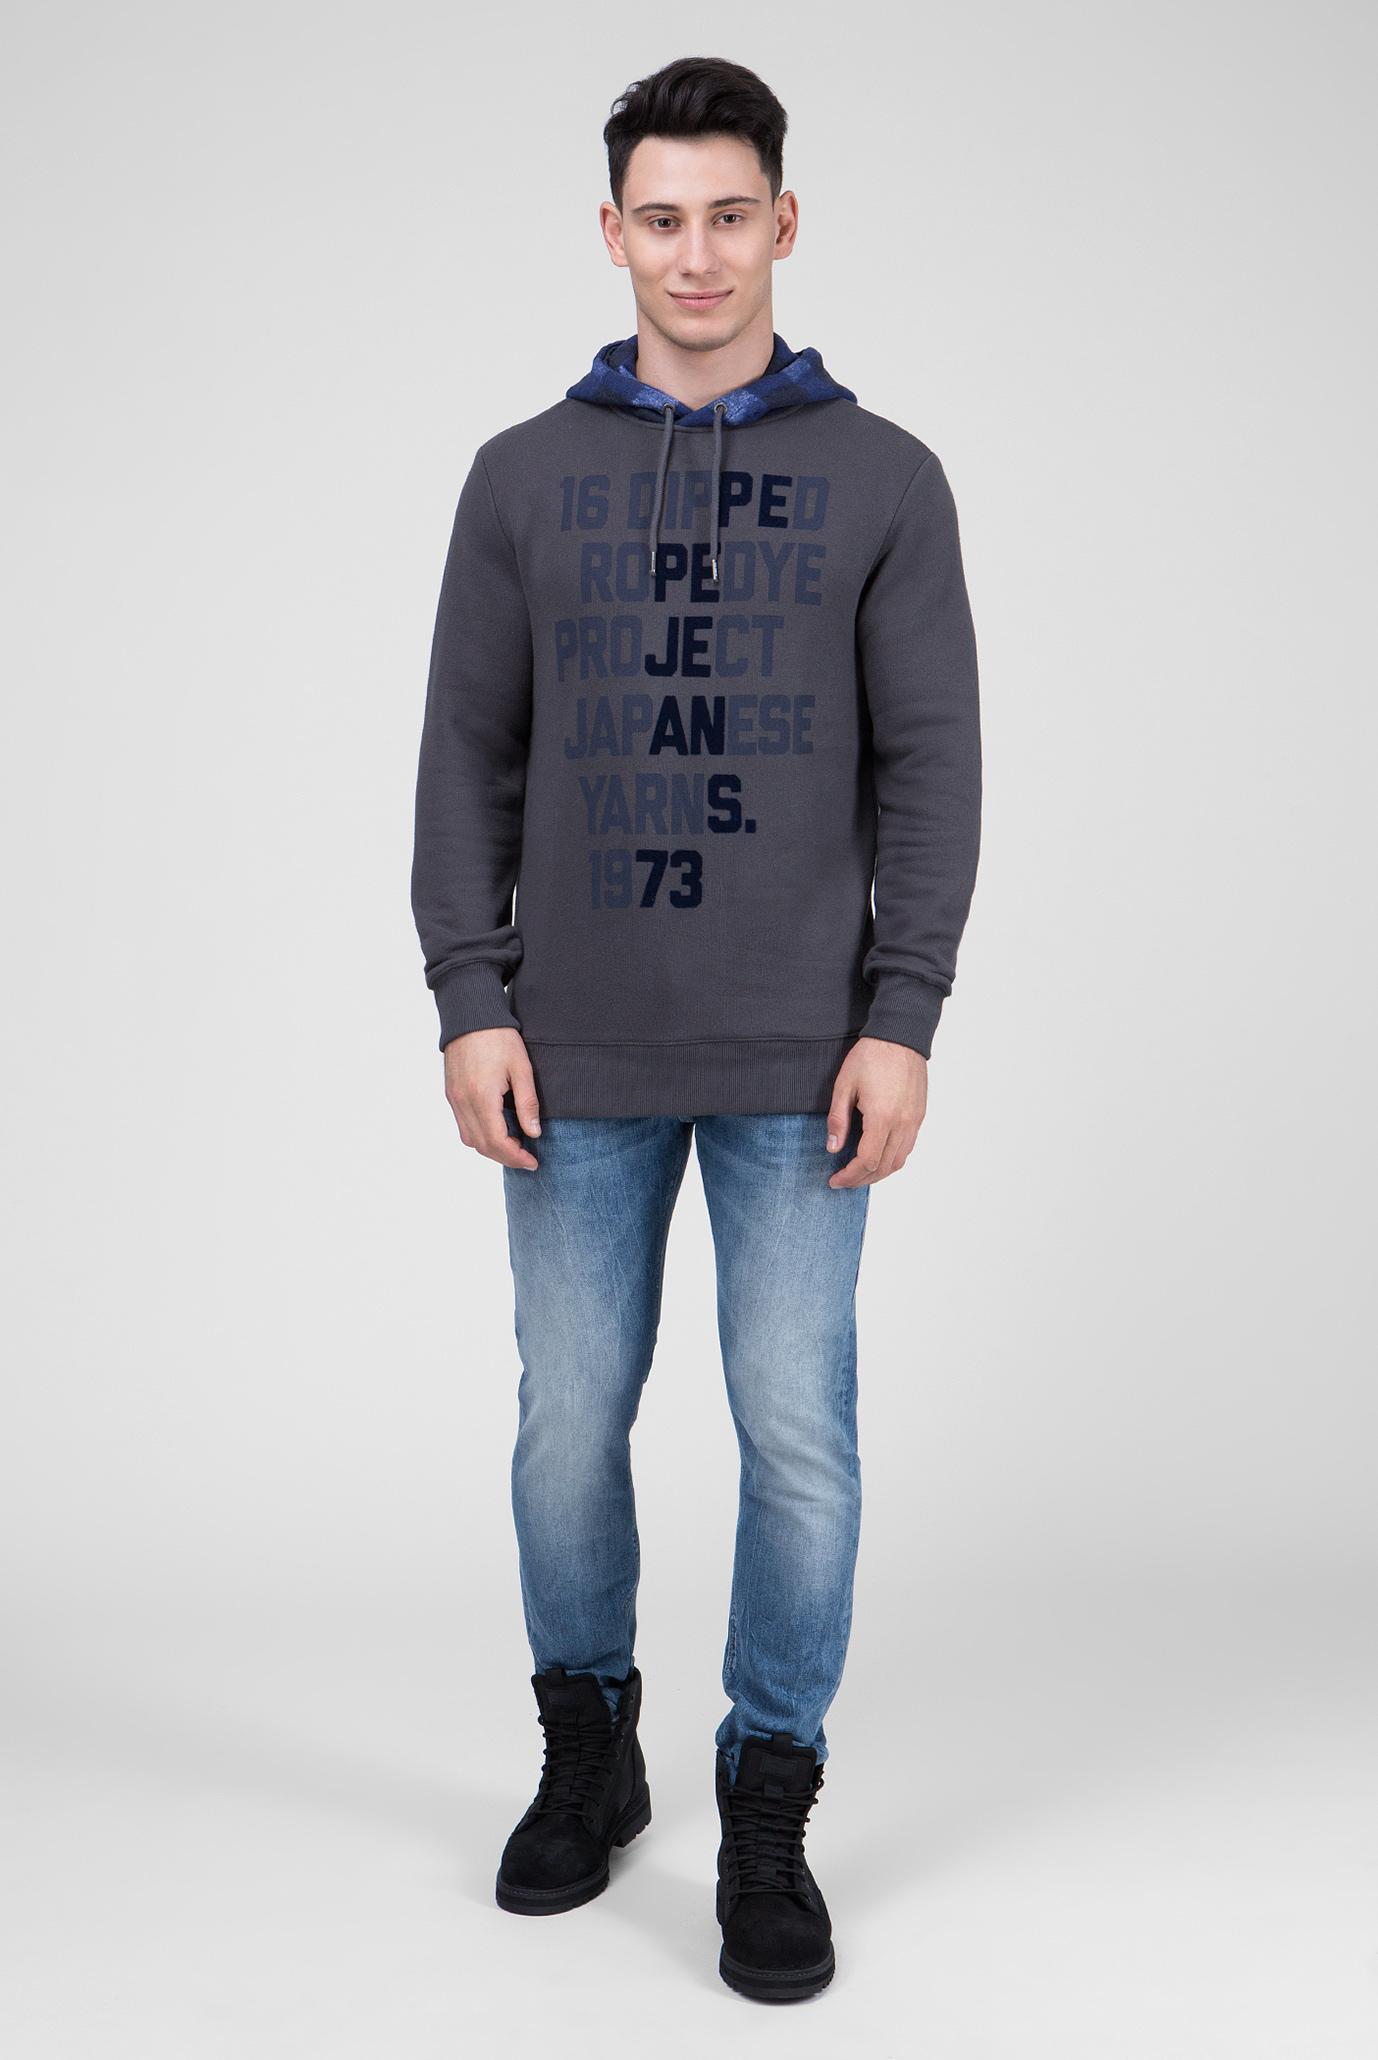 Купить Мужское серое худи с принтом COOPPER Pepe Jeans Pepe Jeans PM581489 – Киев, Украина. Цены в интернет магазине MD Fashion